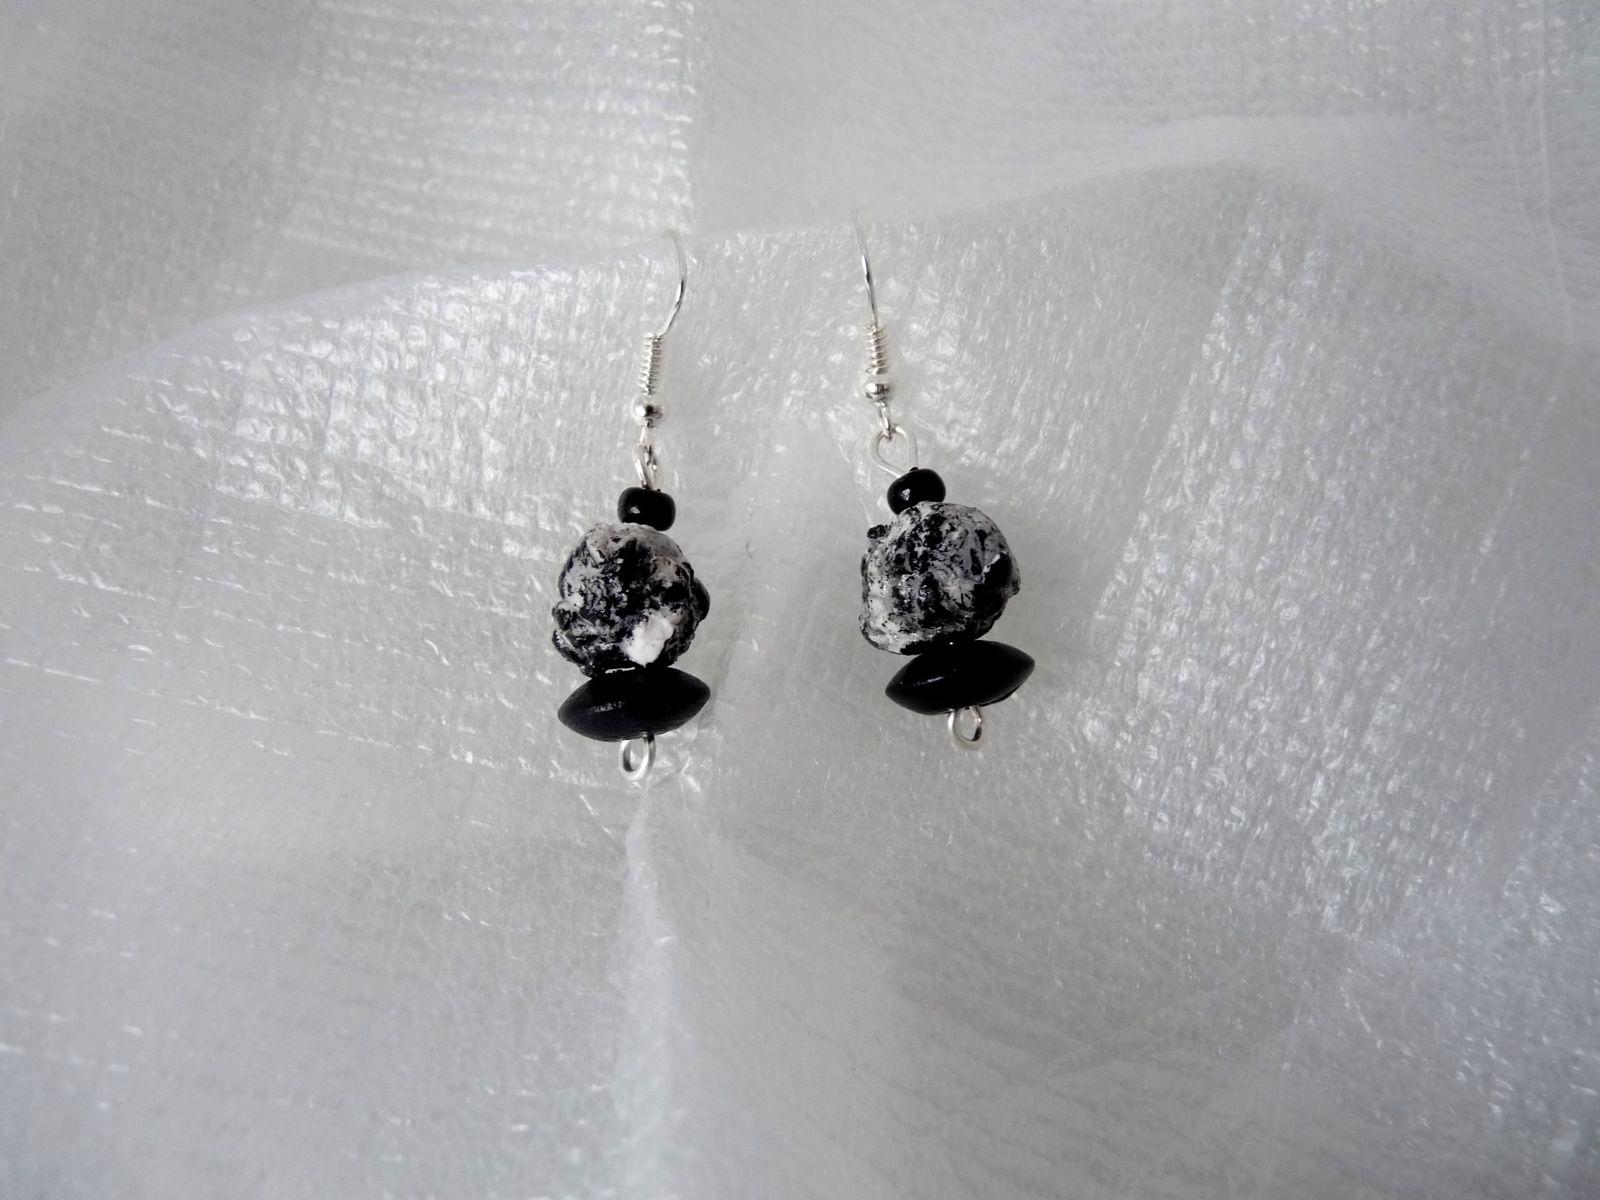 Un collier de perles craquelées inégales partinées à l'acrylique noire accompagnées de quelques perles en bois avec toujours les boucles d'oreille assorties